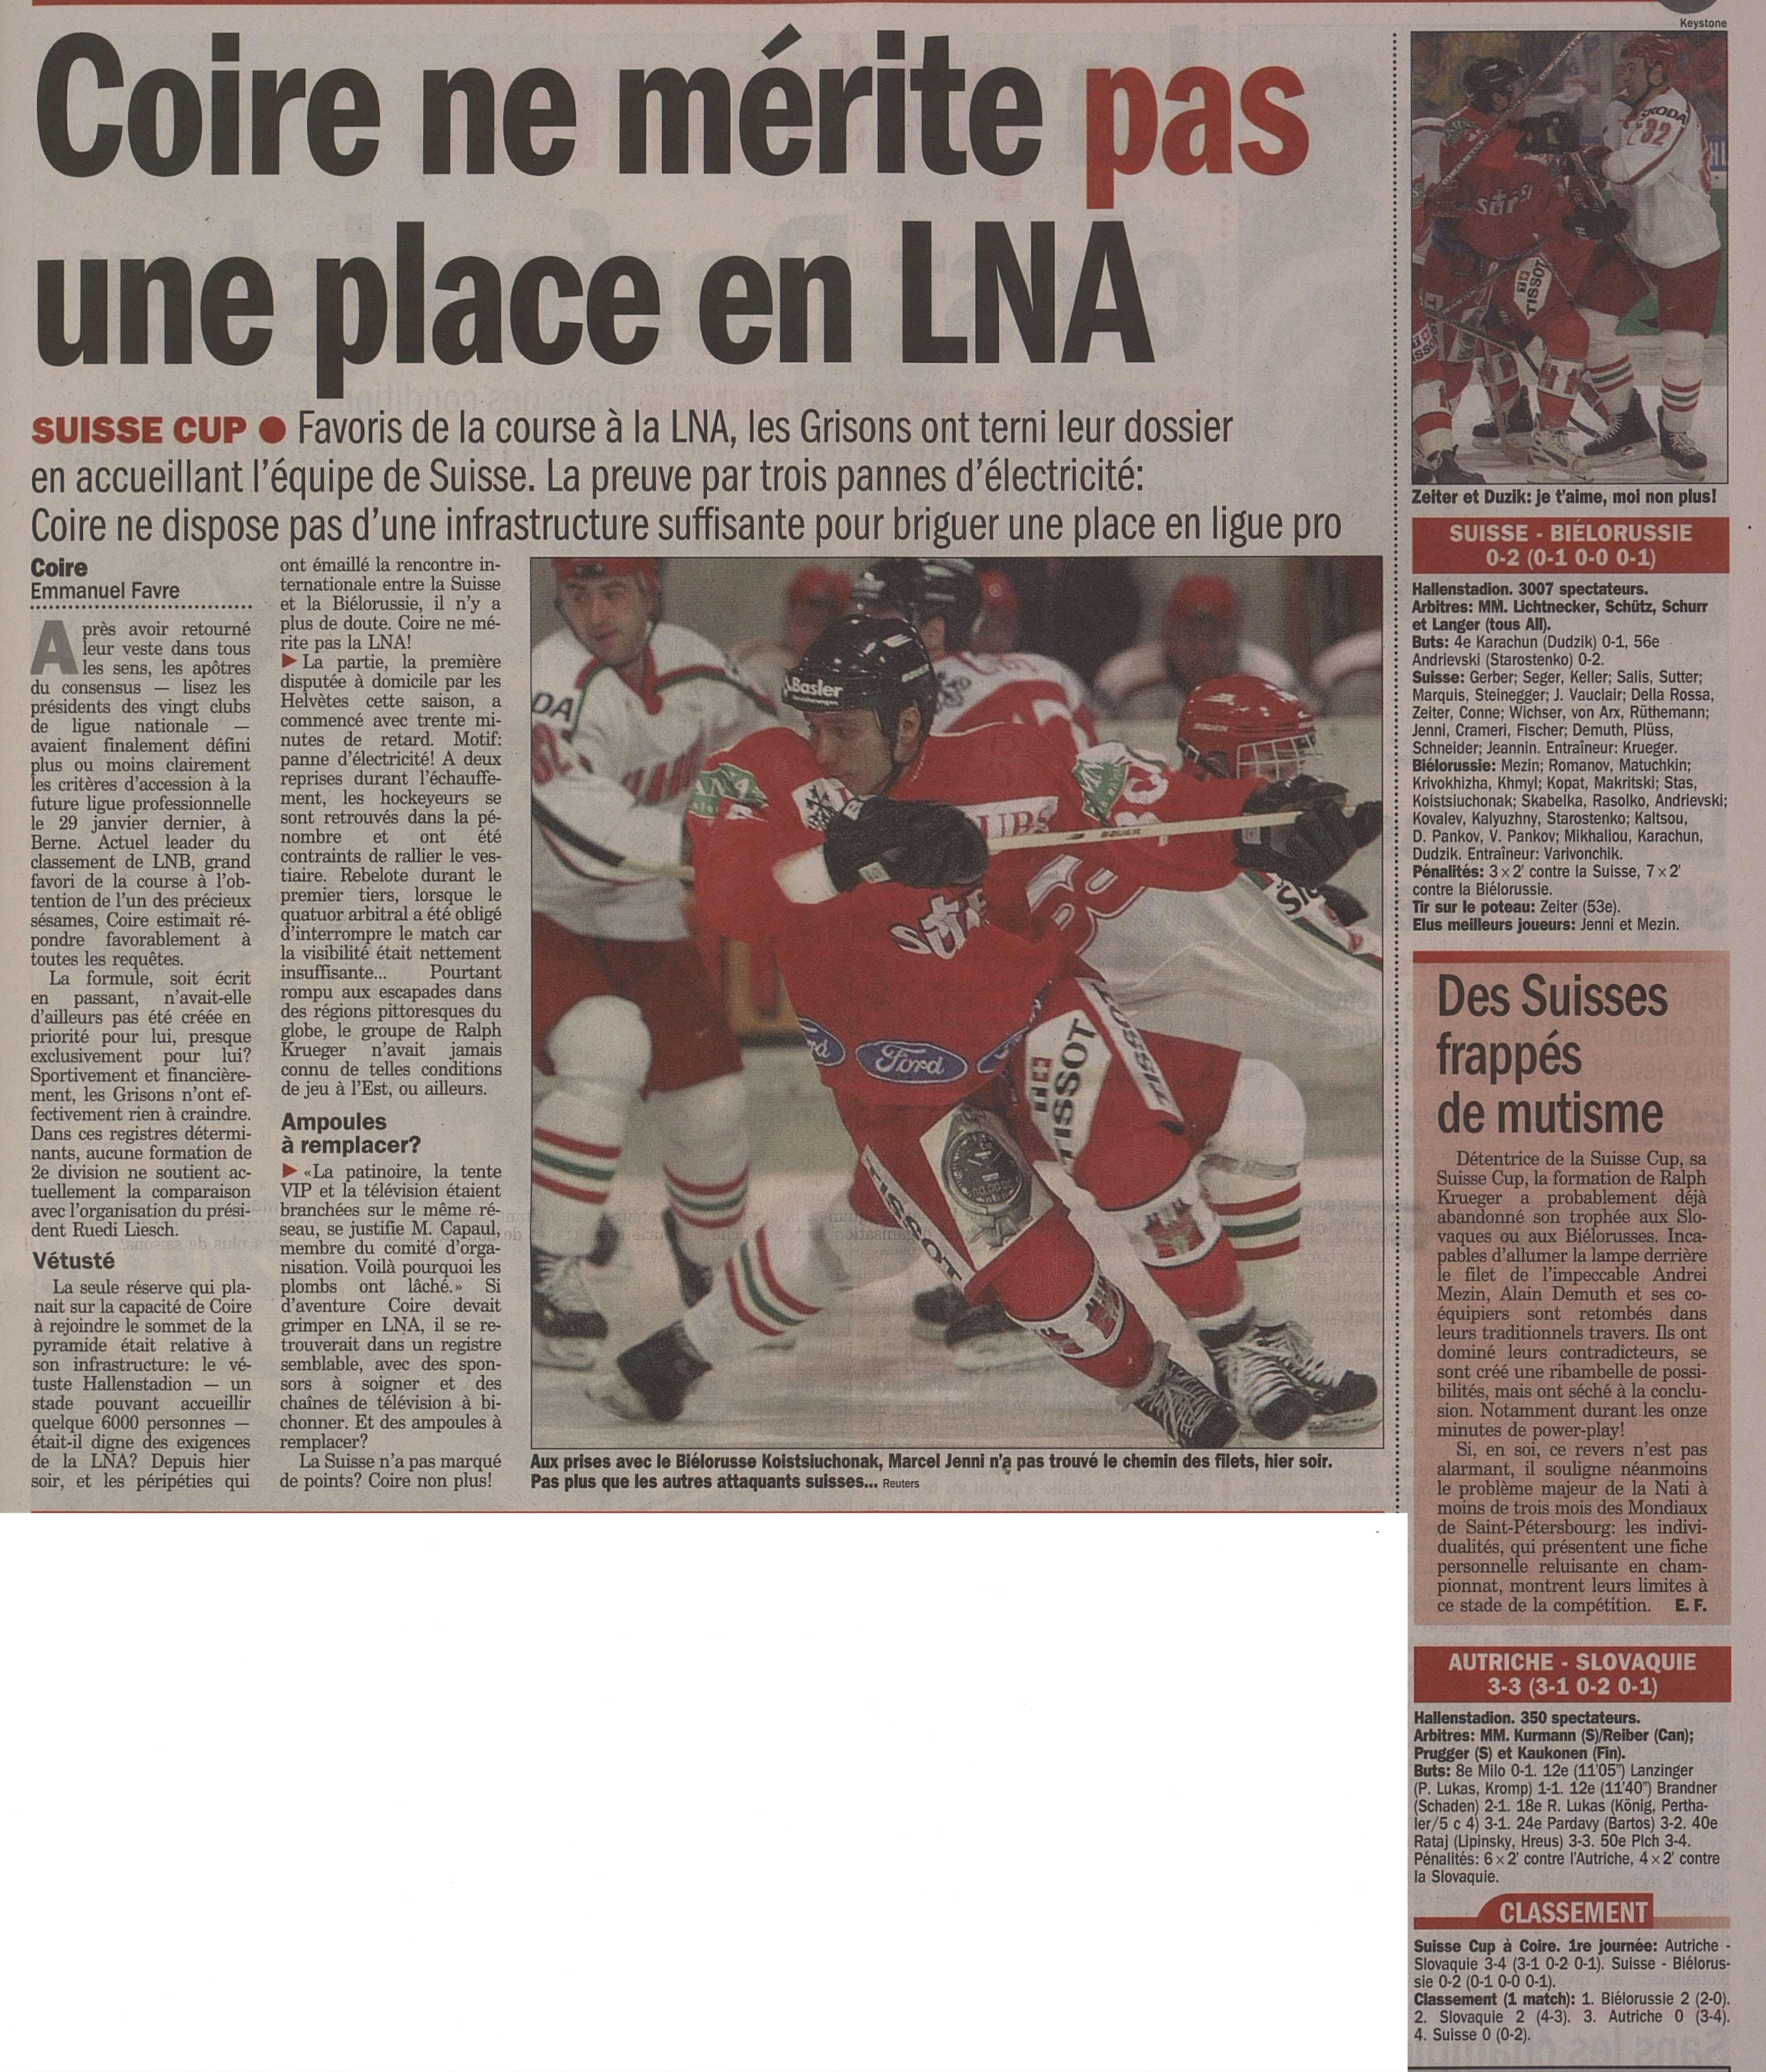 Le Matin - Tribune de Lausanne_20000212_mb2m33-1.jpg